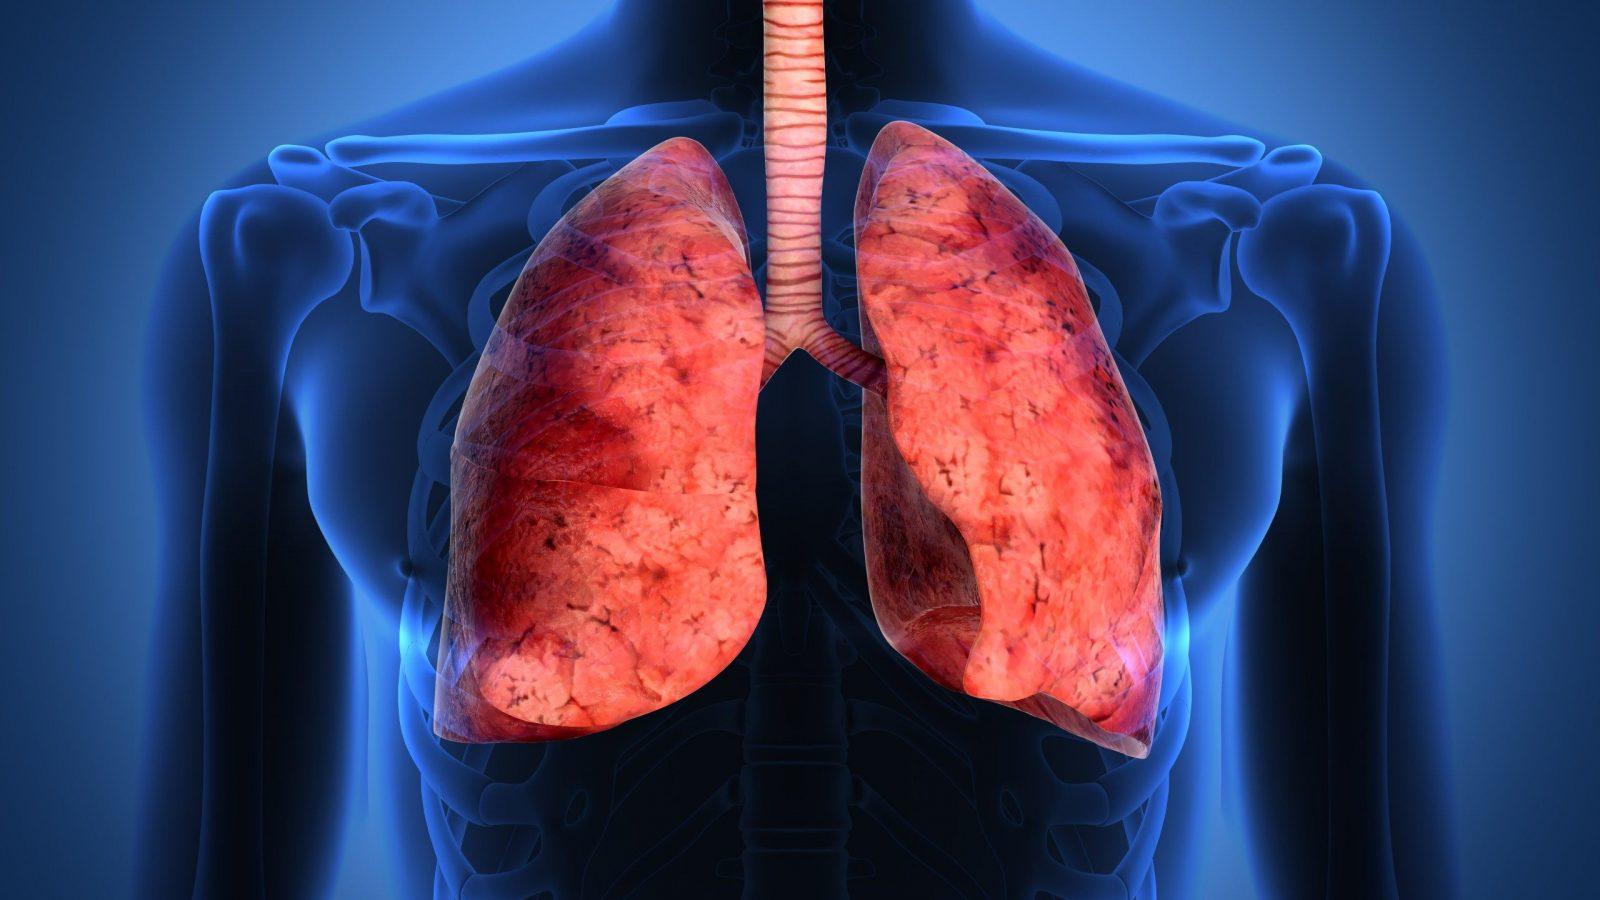 Пневмофиброз легких лечение народными. как лечить пневмофиброз легких народными средствами? лечение народными средствами